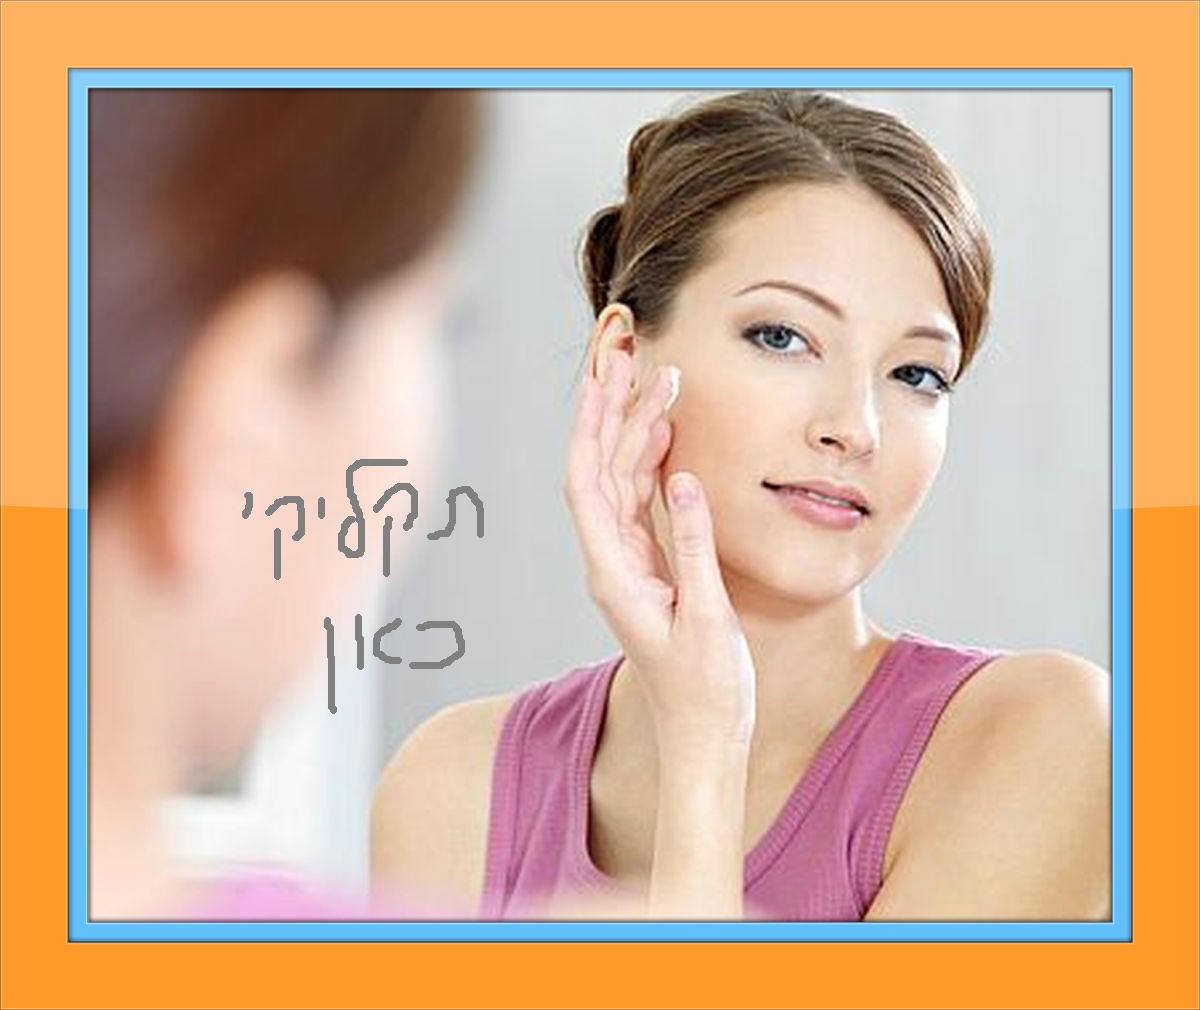 טיפול מקדים לאיפור פנים. העלמת קמטים וקימטוטים והורדת נפיות מתחת לעיניים